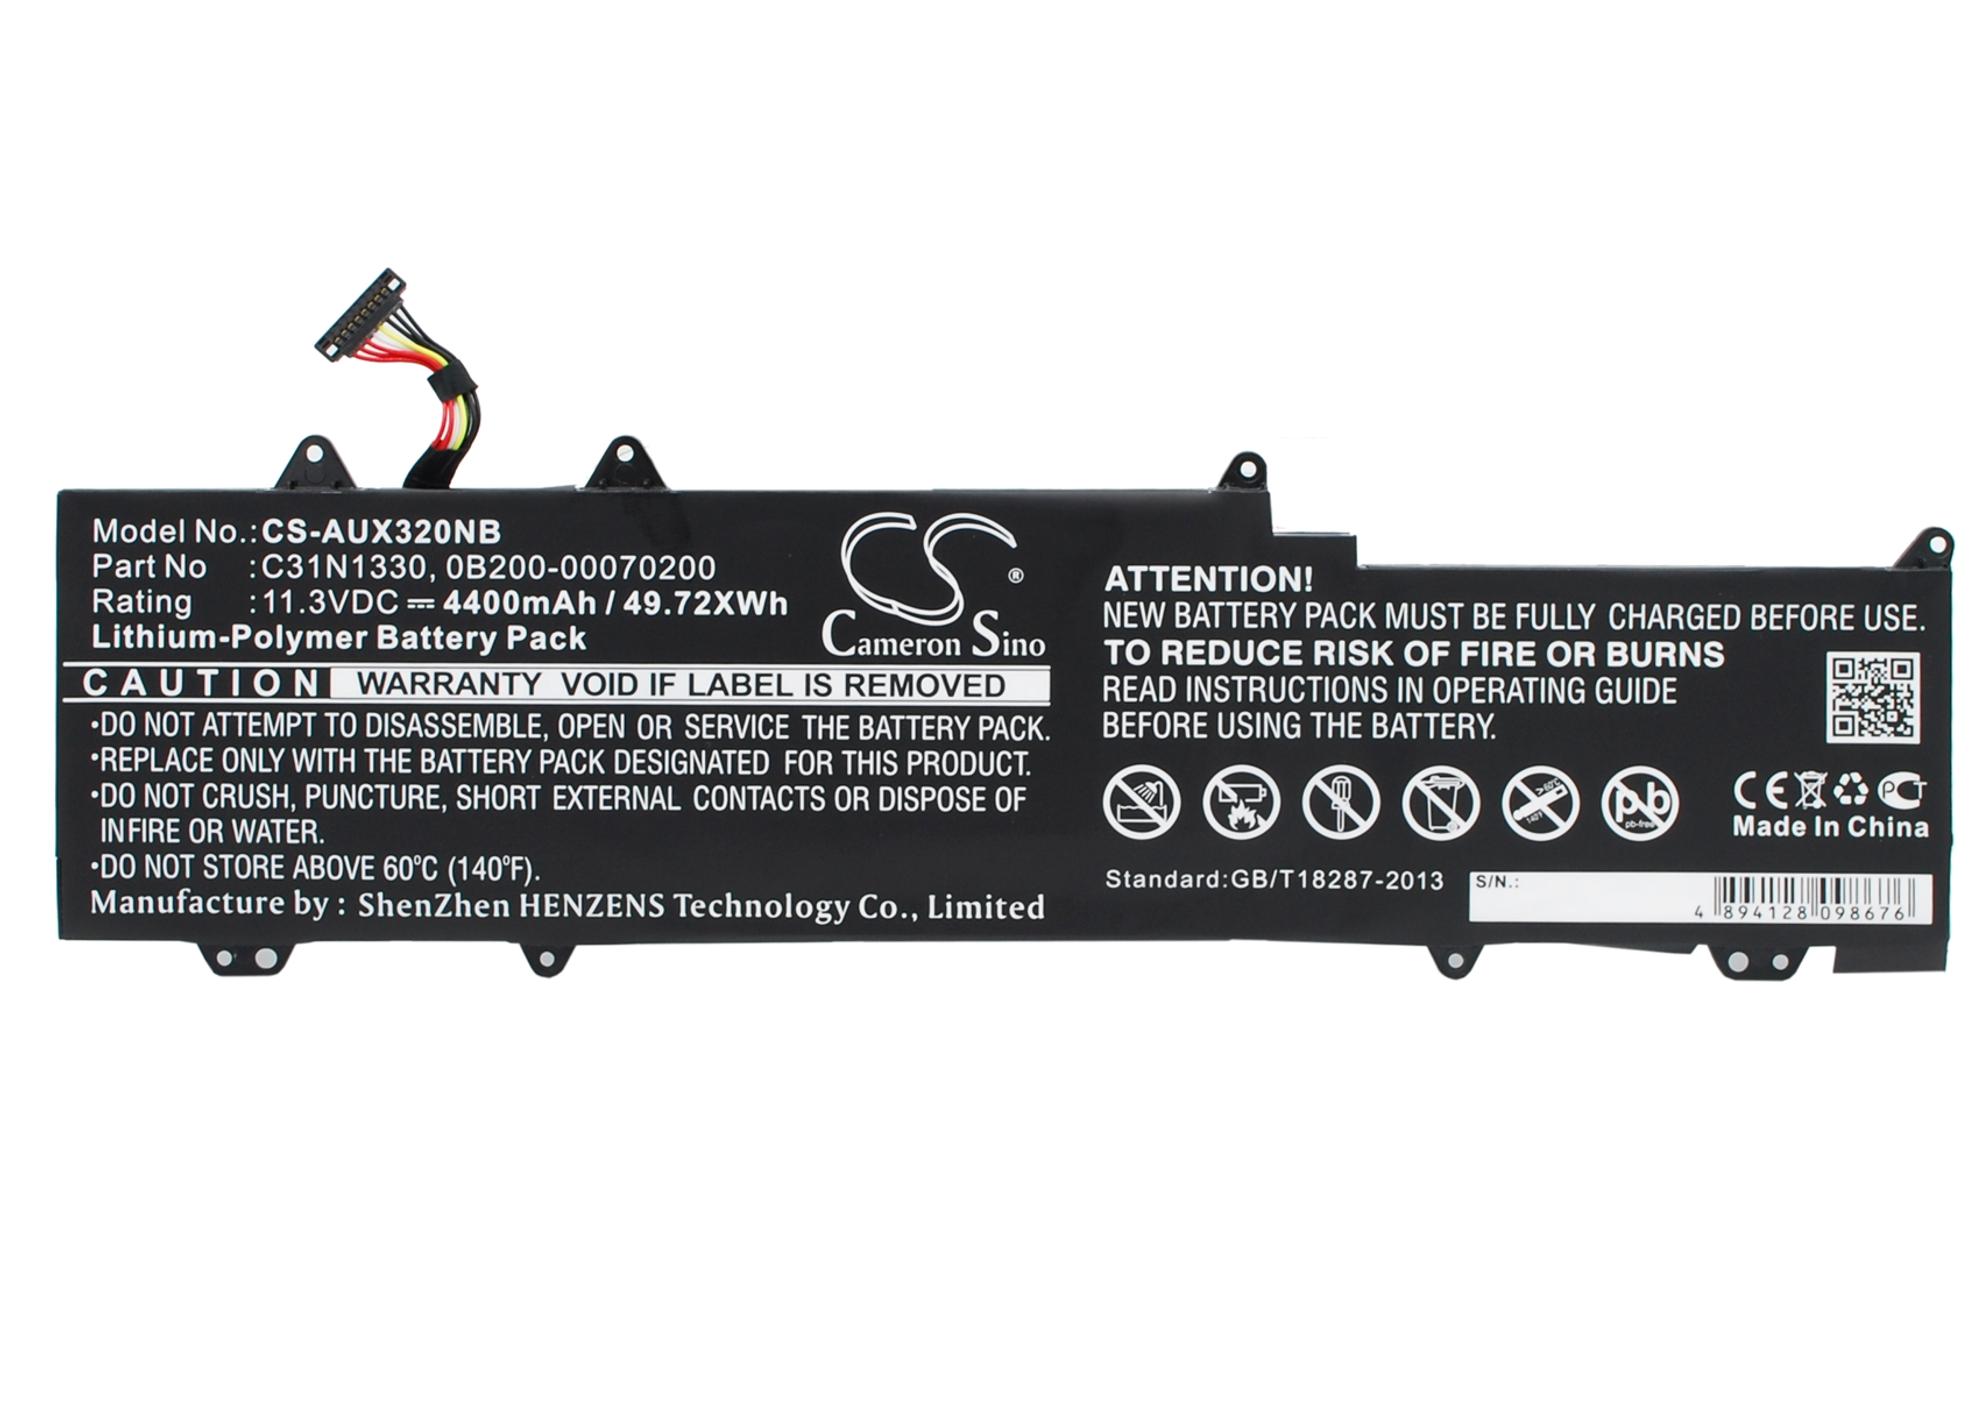 Cameron Sino baterie do notebooků pro ASUS Zenbook UX32LA-R3007H 11.3V Li-Polymer 4400mAh černá - neoriginální